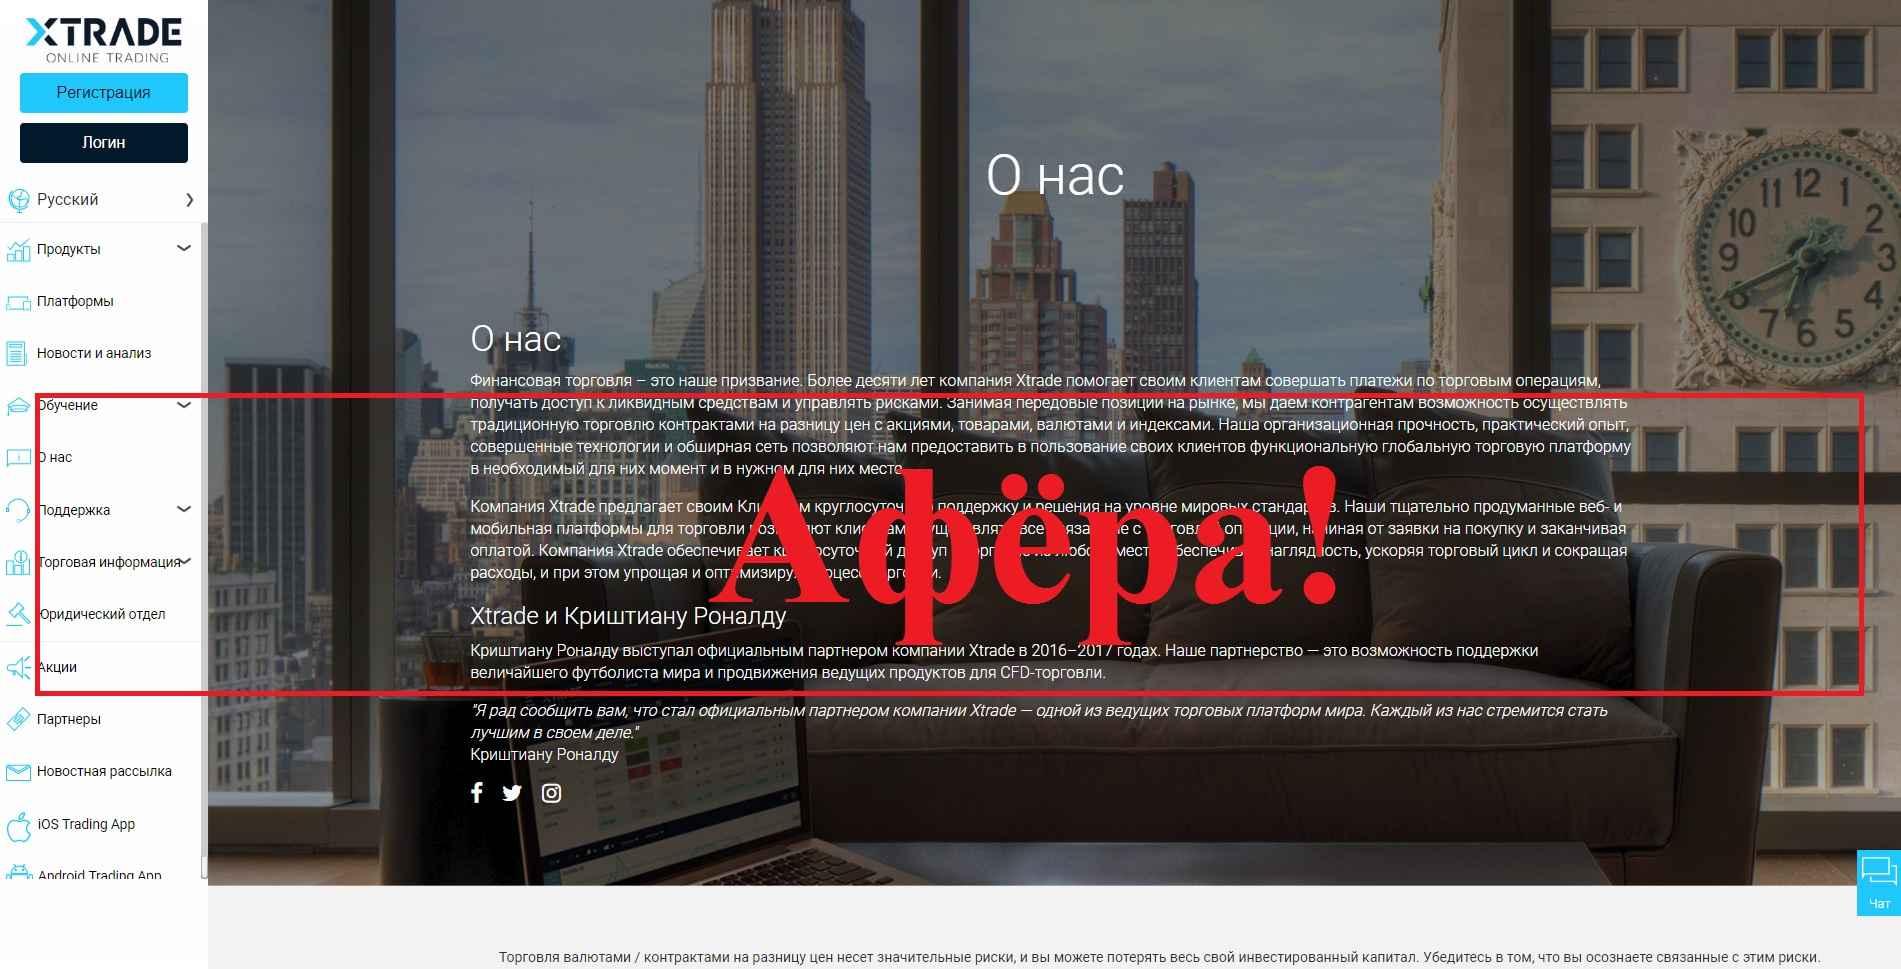 Платформа XTrade – отзывы и проверка на мошенничество xtrade.ru